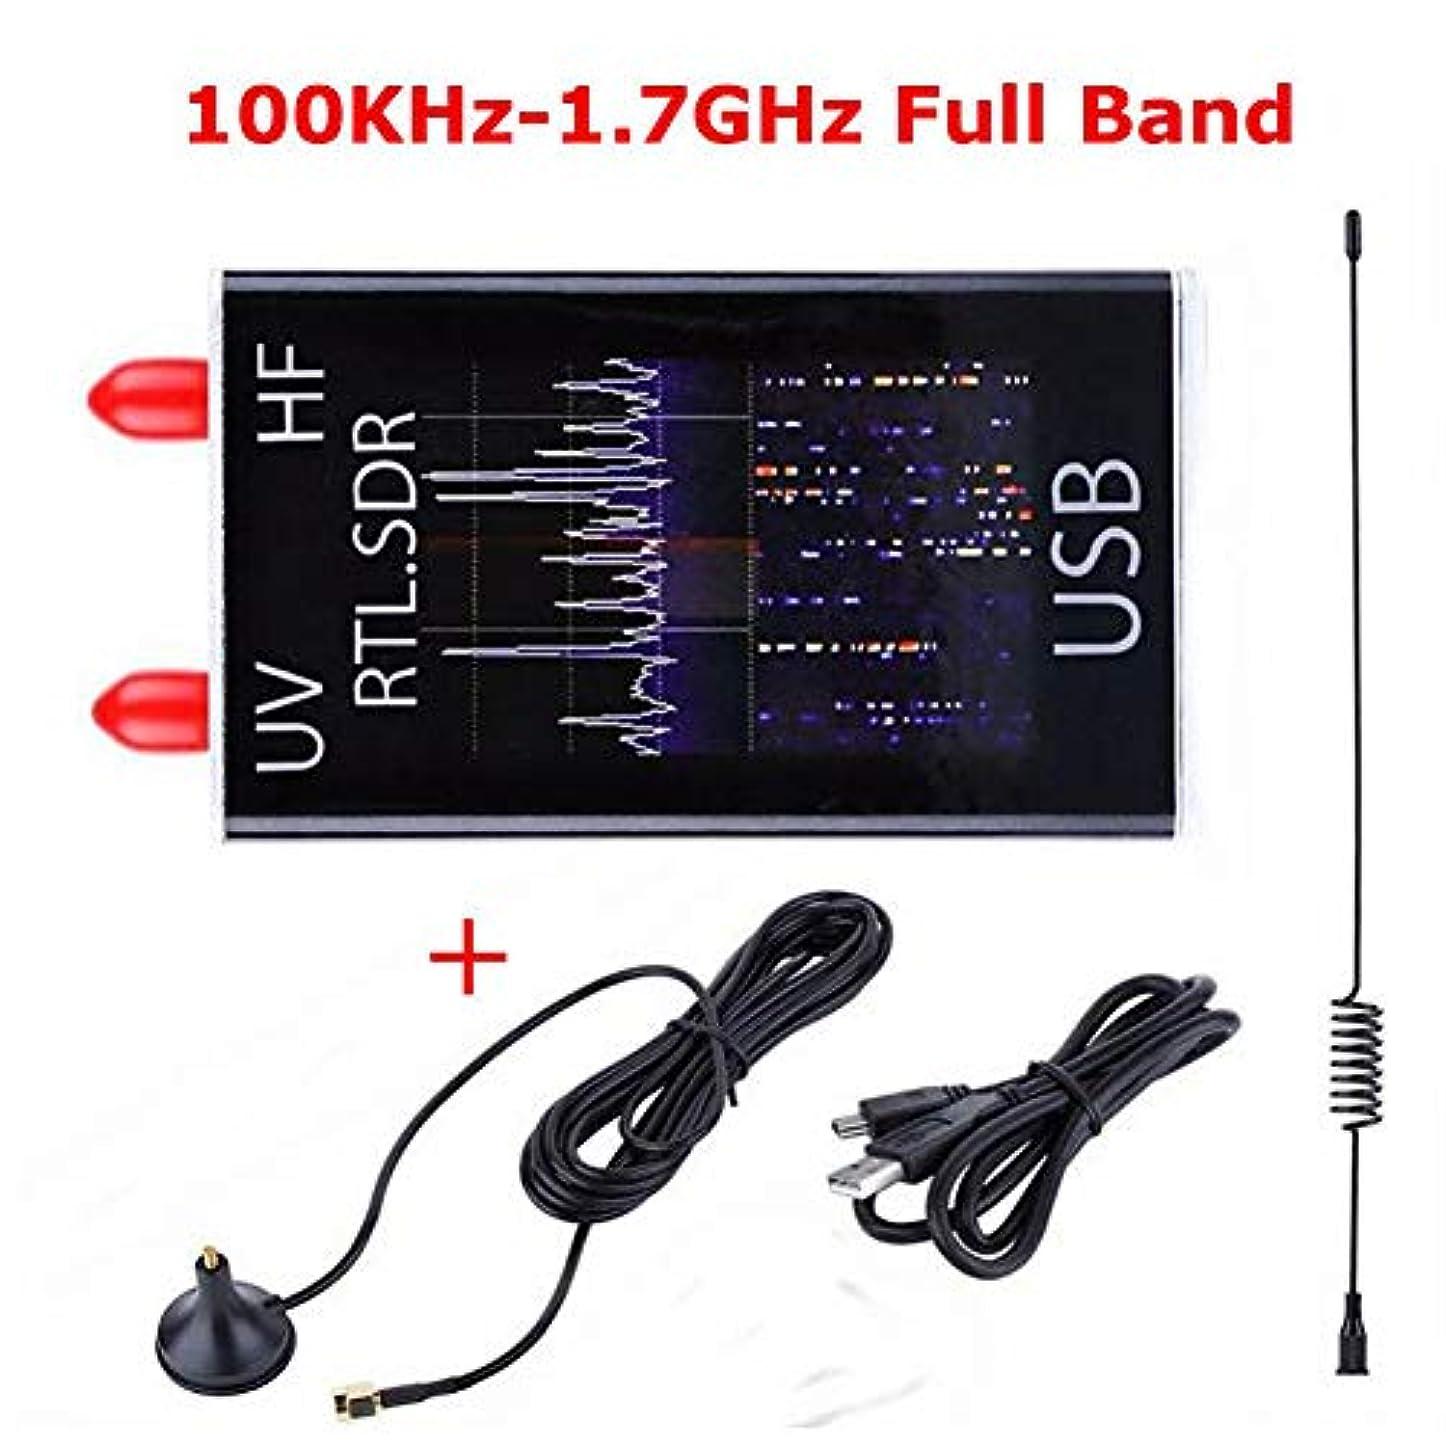 背景否認する役職ACHICOO 100KHz?1.7GHzフルバンドUV HF RTL-SDR USBチューナーレシーバ/ R820T + 8232ハムラジオ